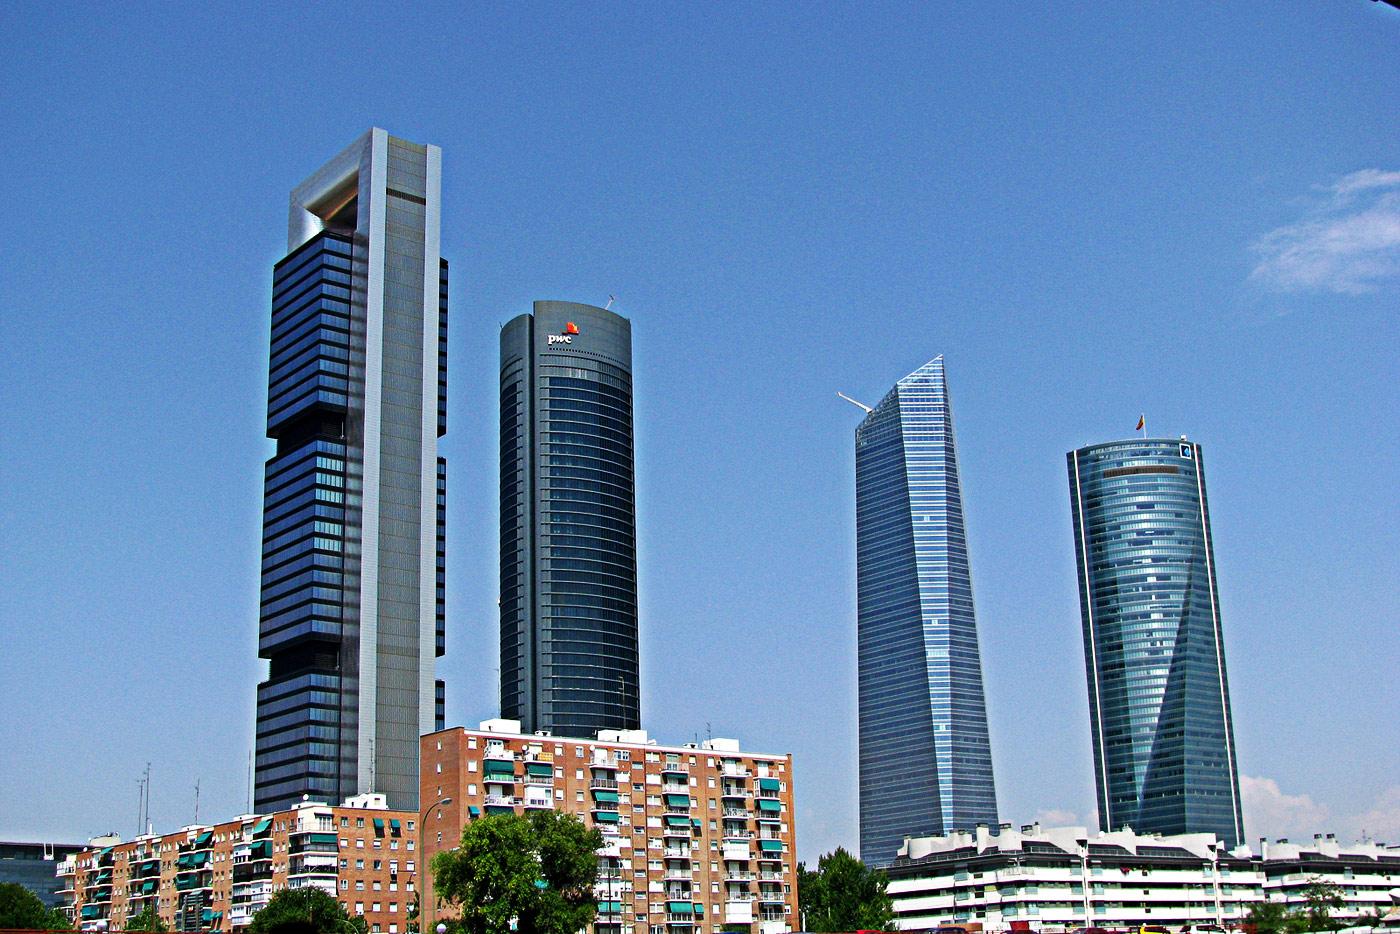 Cuatro Torres Madrid. Rubén Vique